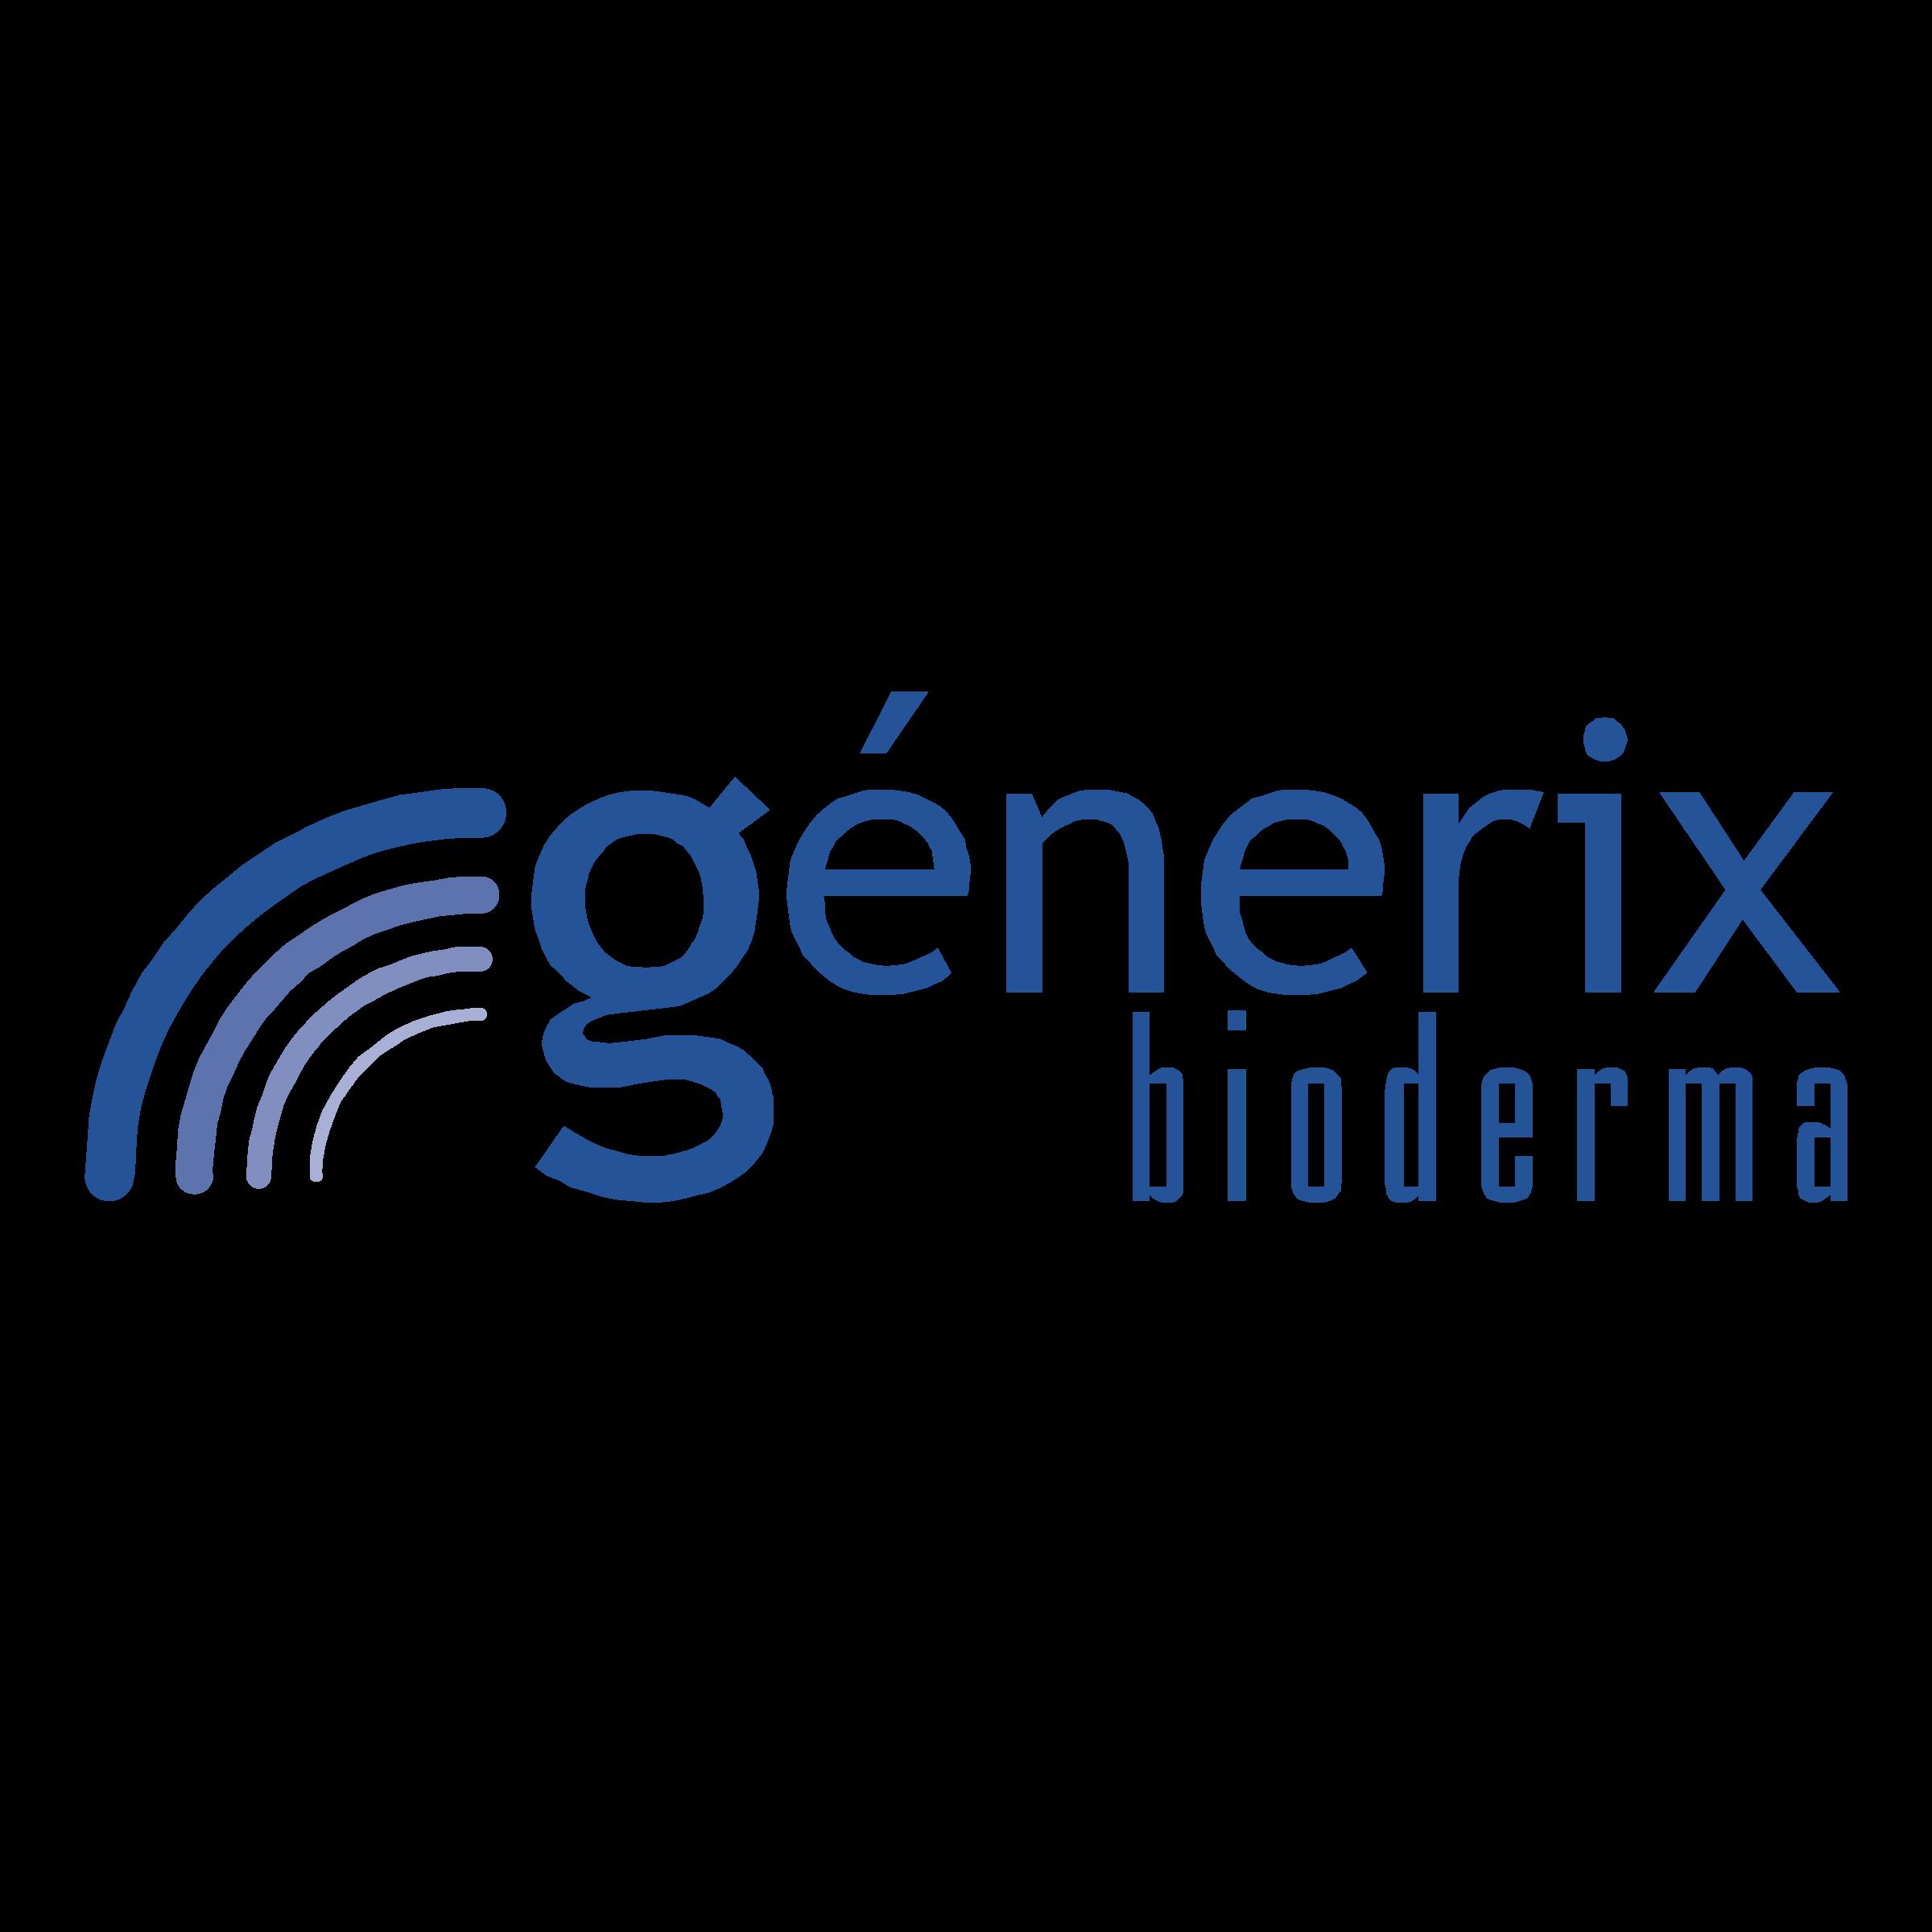 Generix Bioderma Logo PNG Transparent & SVG Vector.